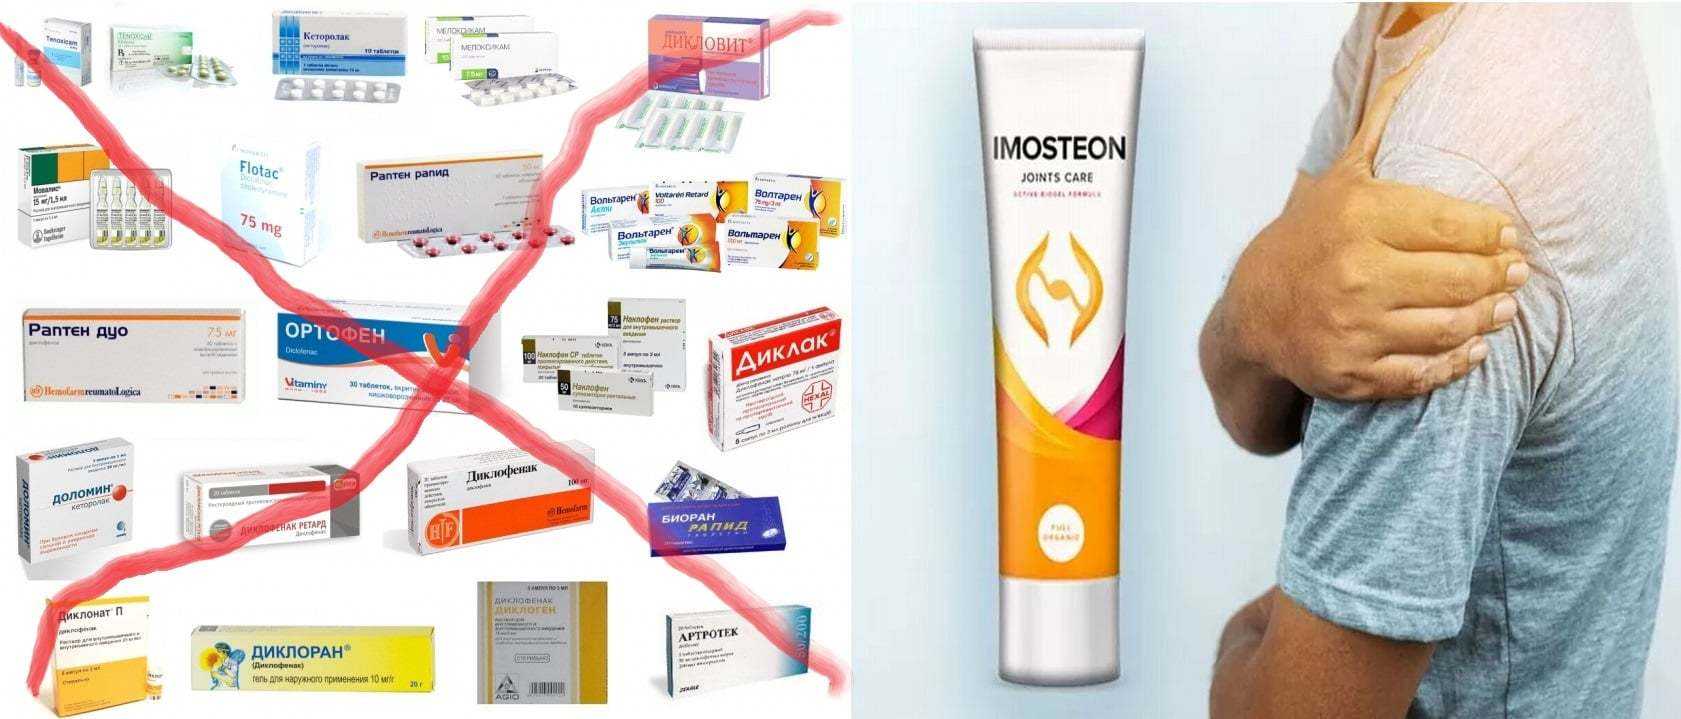 îmbunătățirea erecției cu medicamente